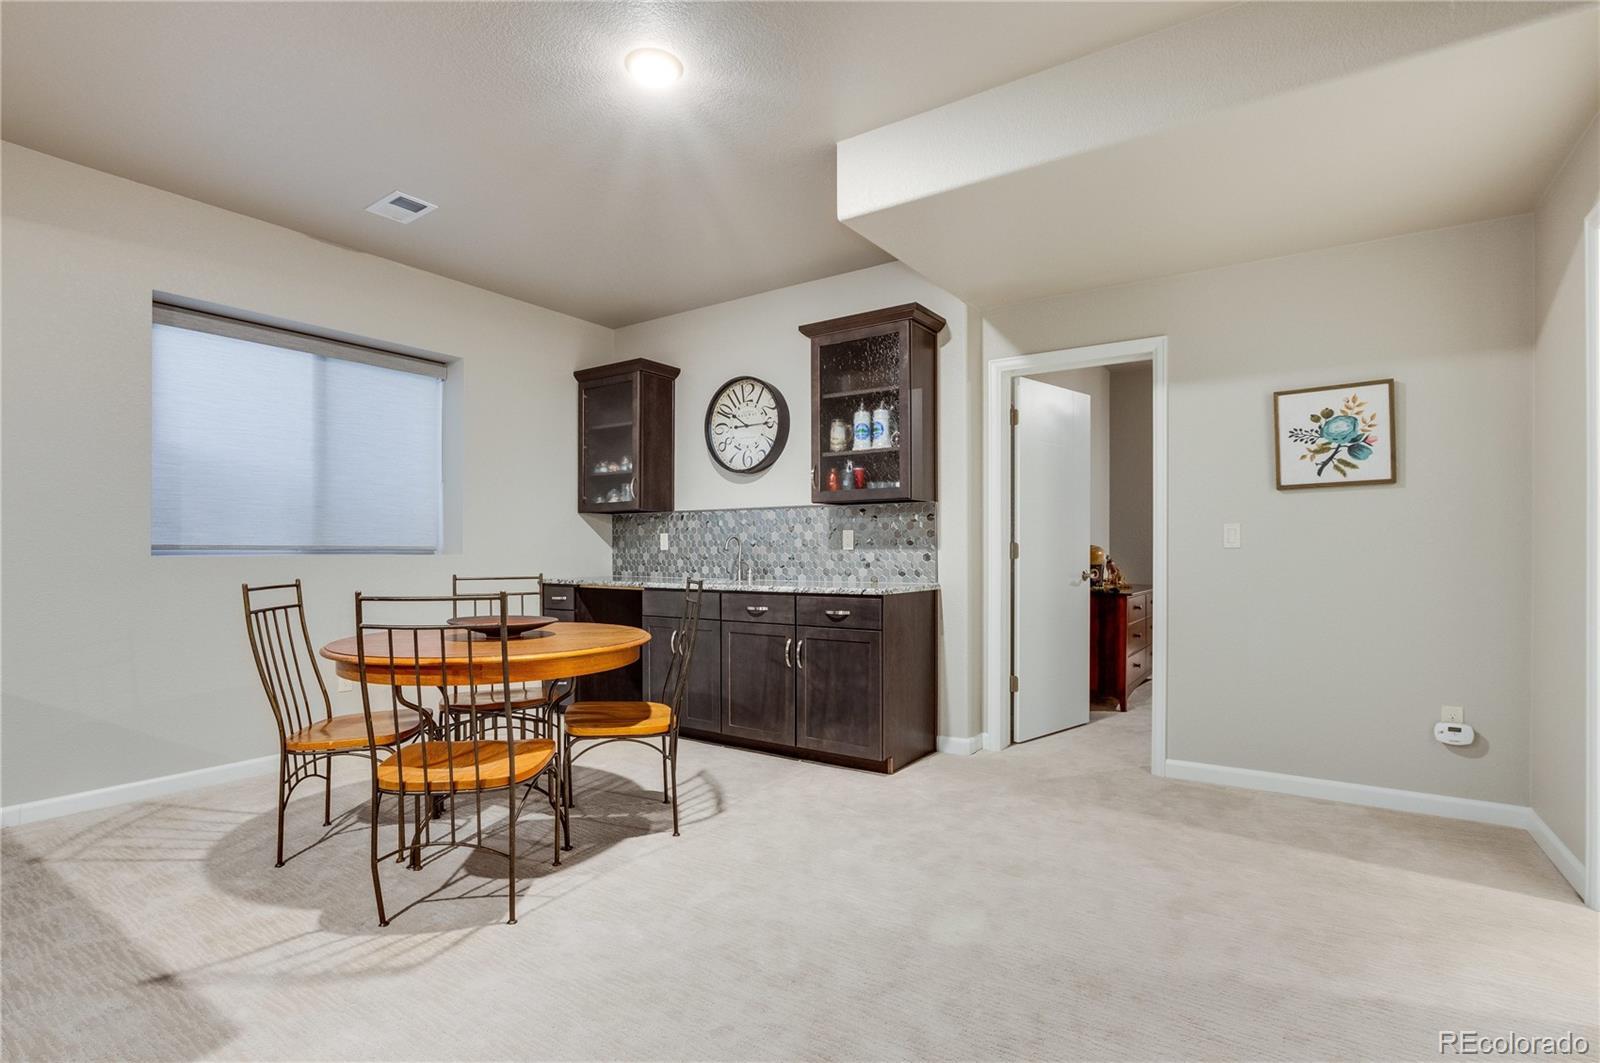 MLS# 9892836 - 29 - 6372 Cubbage Drive, Colorado Springs, CO 80924